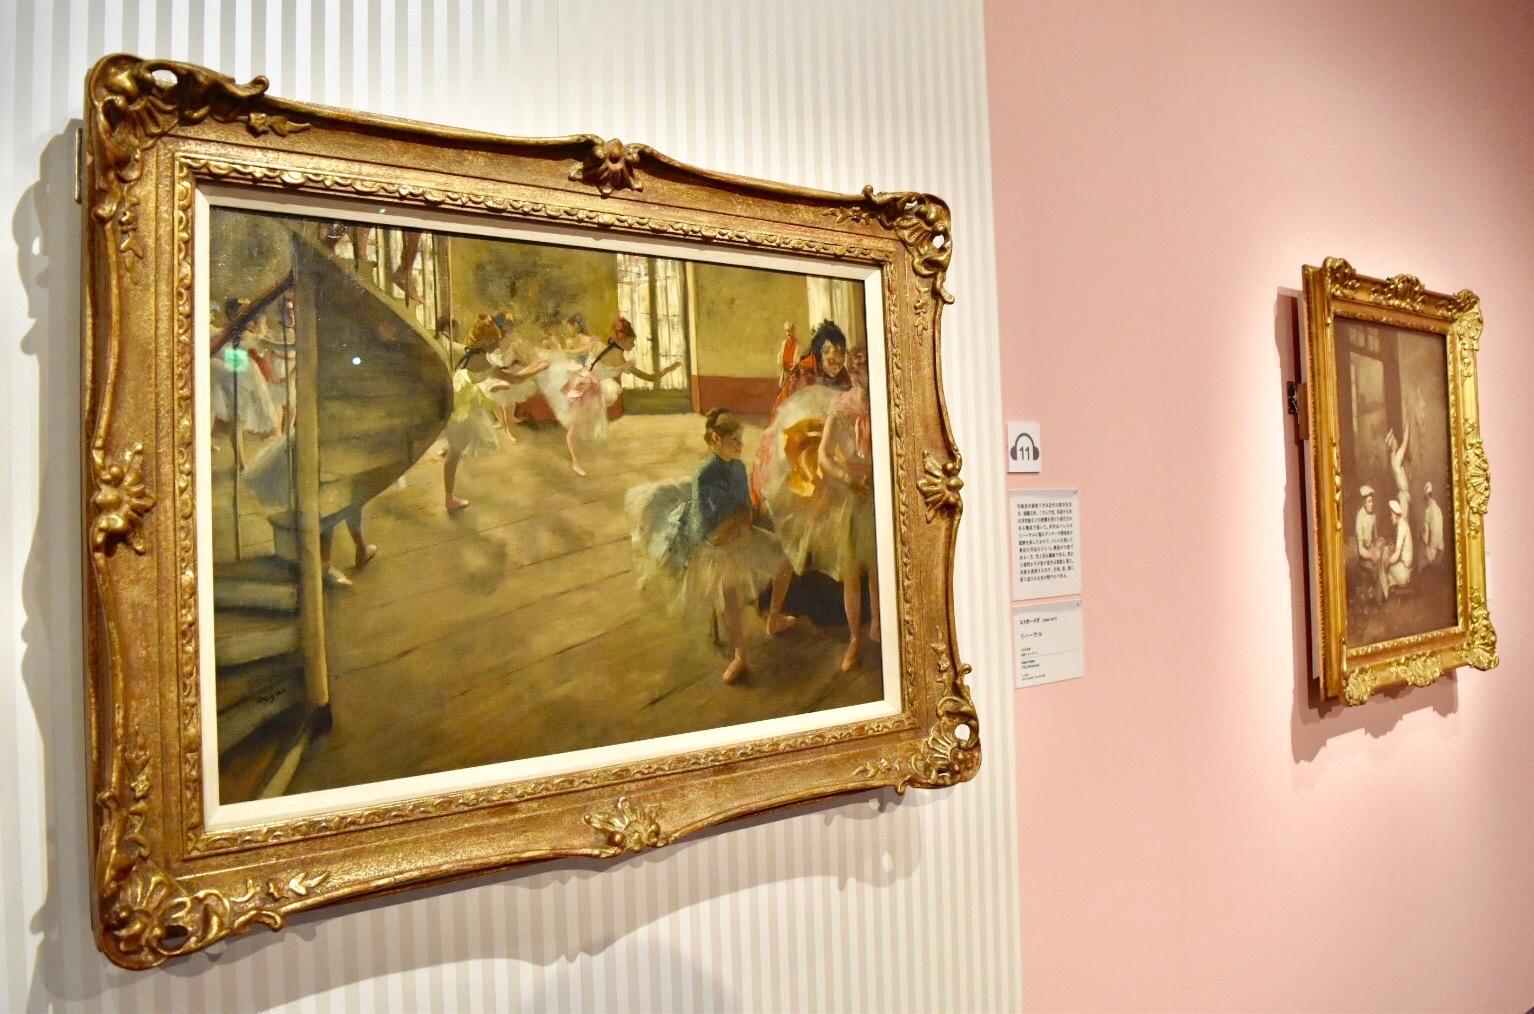 左:エドガー・ドガ 《リハーサル》 1874年頃 油彩、カンヴァス (C)CSG CIC Glasgow Museums Collection